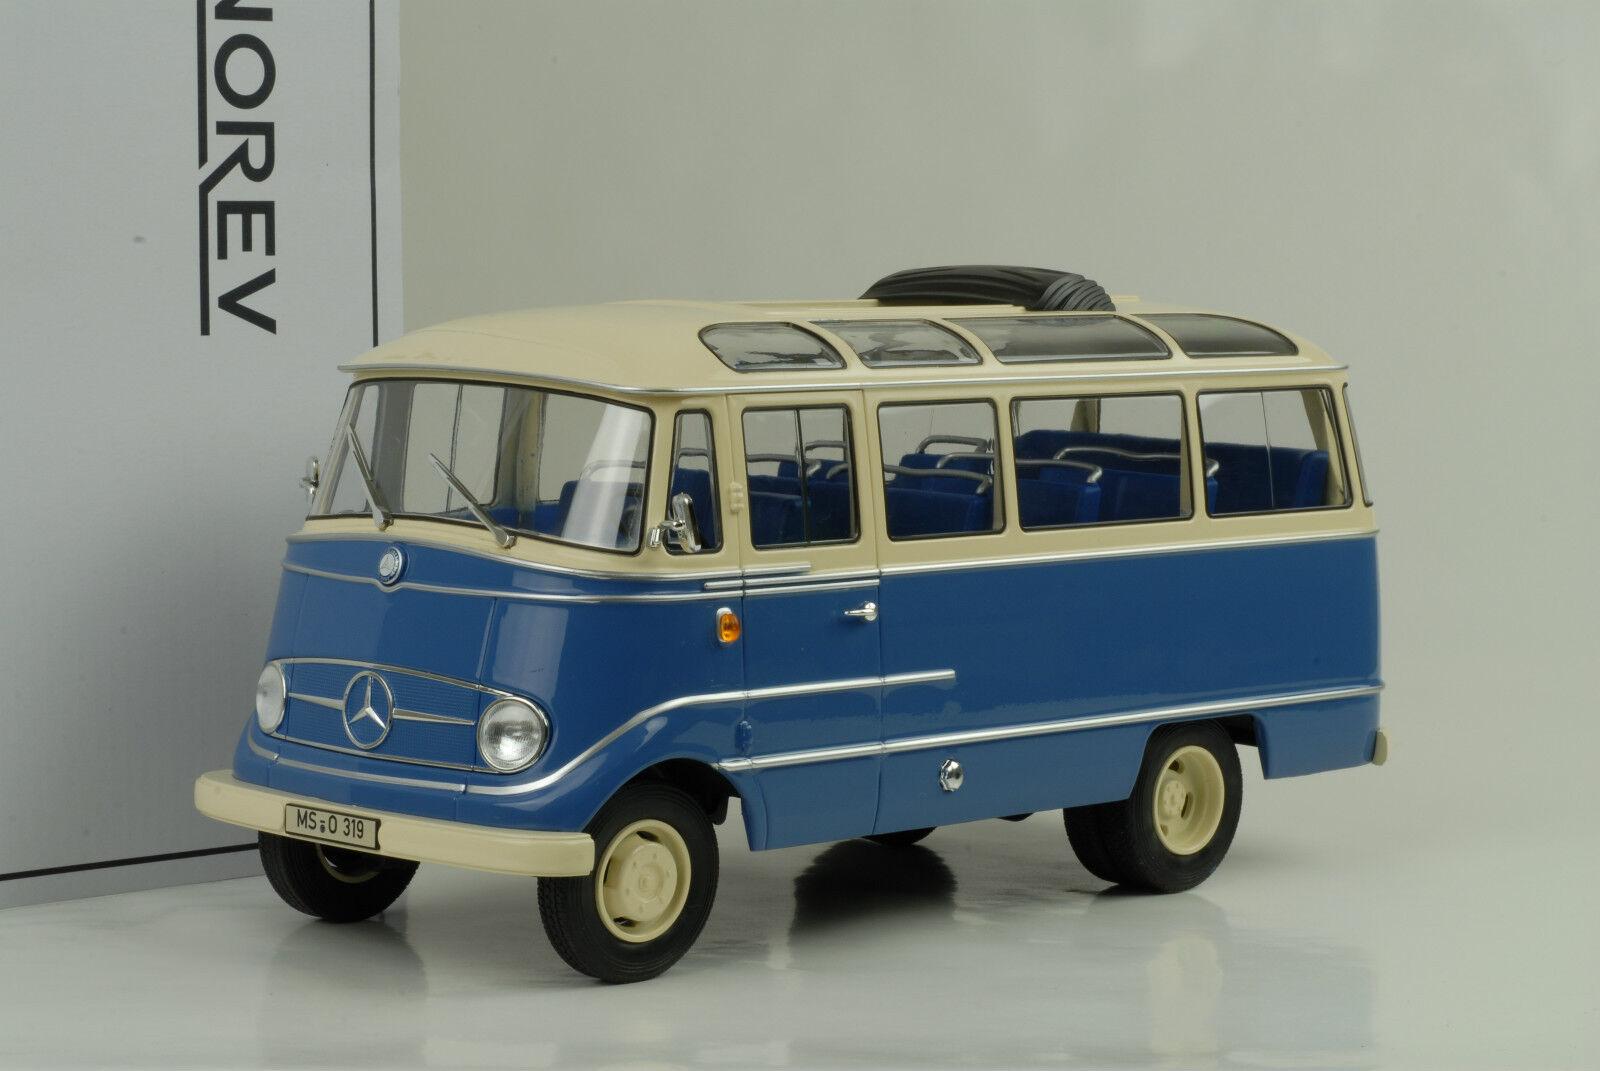 1960 Mercedes-Benz O319 Bus bluee Cream 1 18 Norev